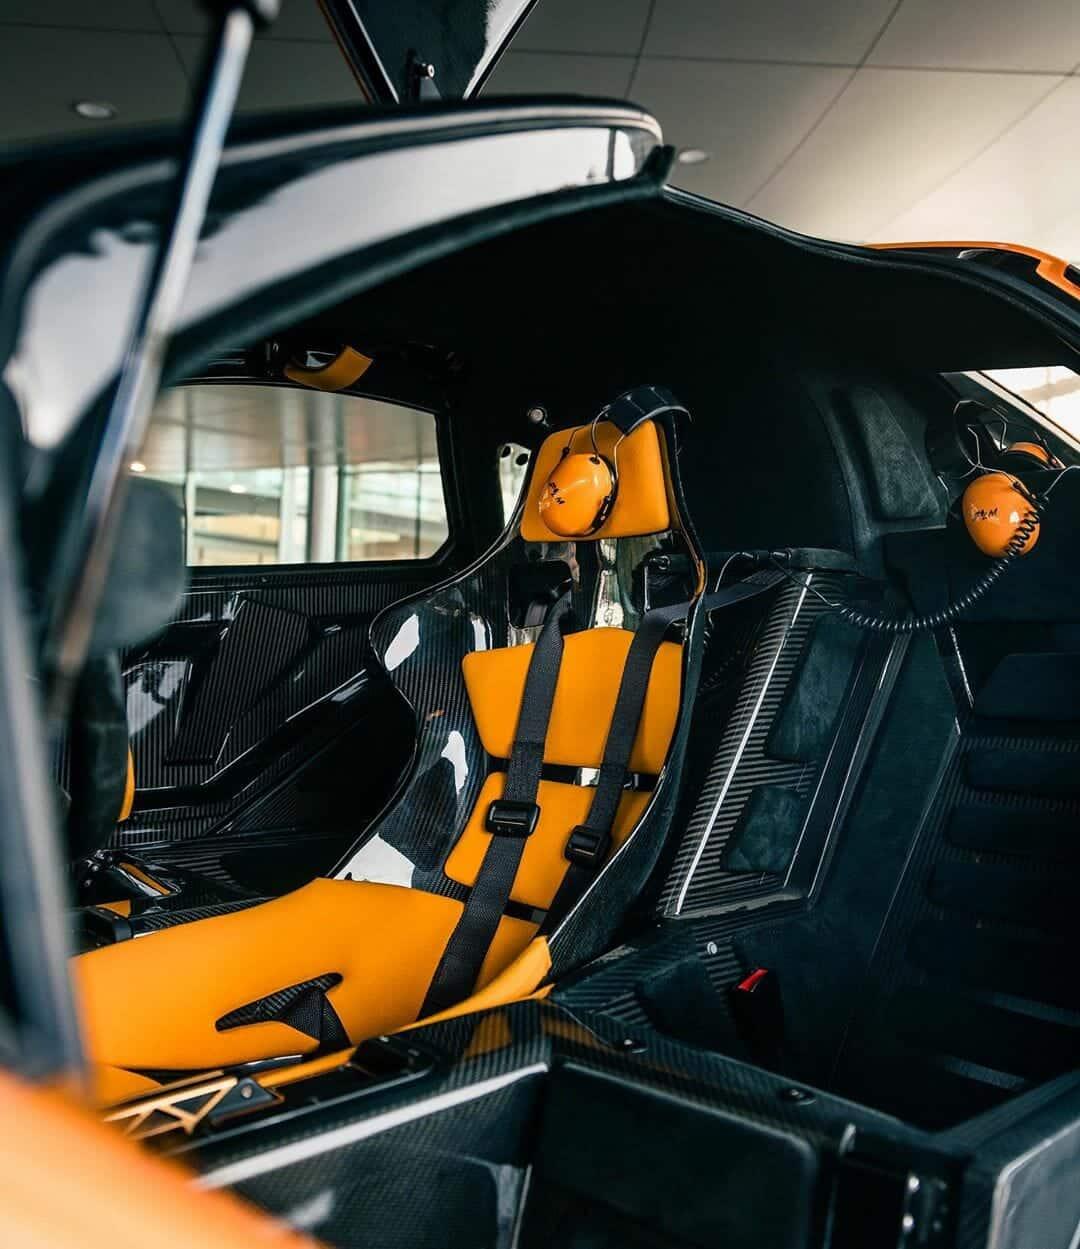 McLaren F1 LM - Image 8